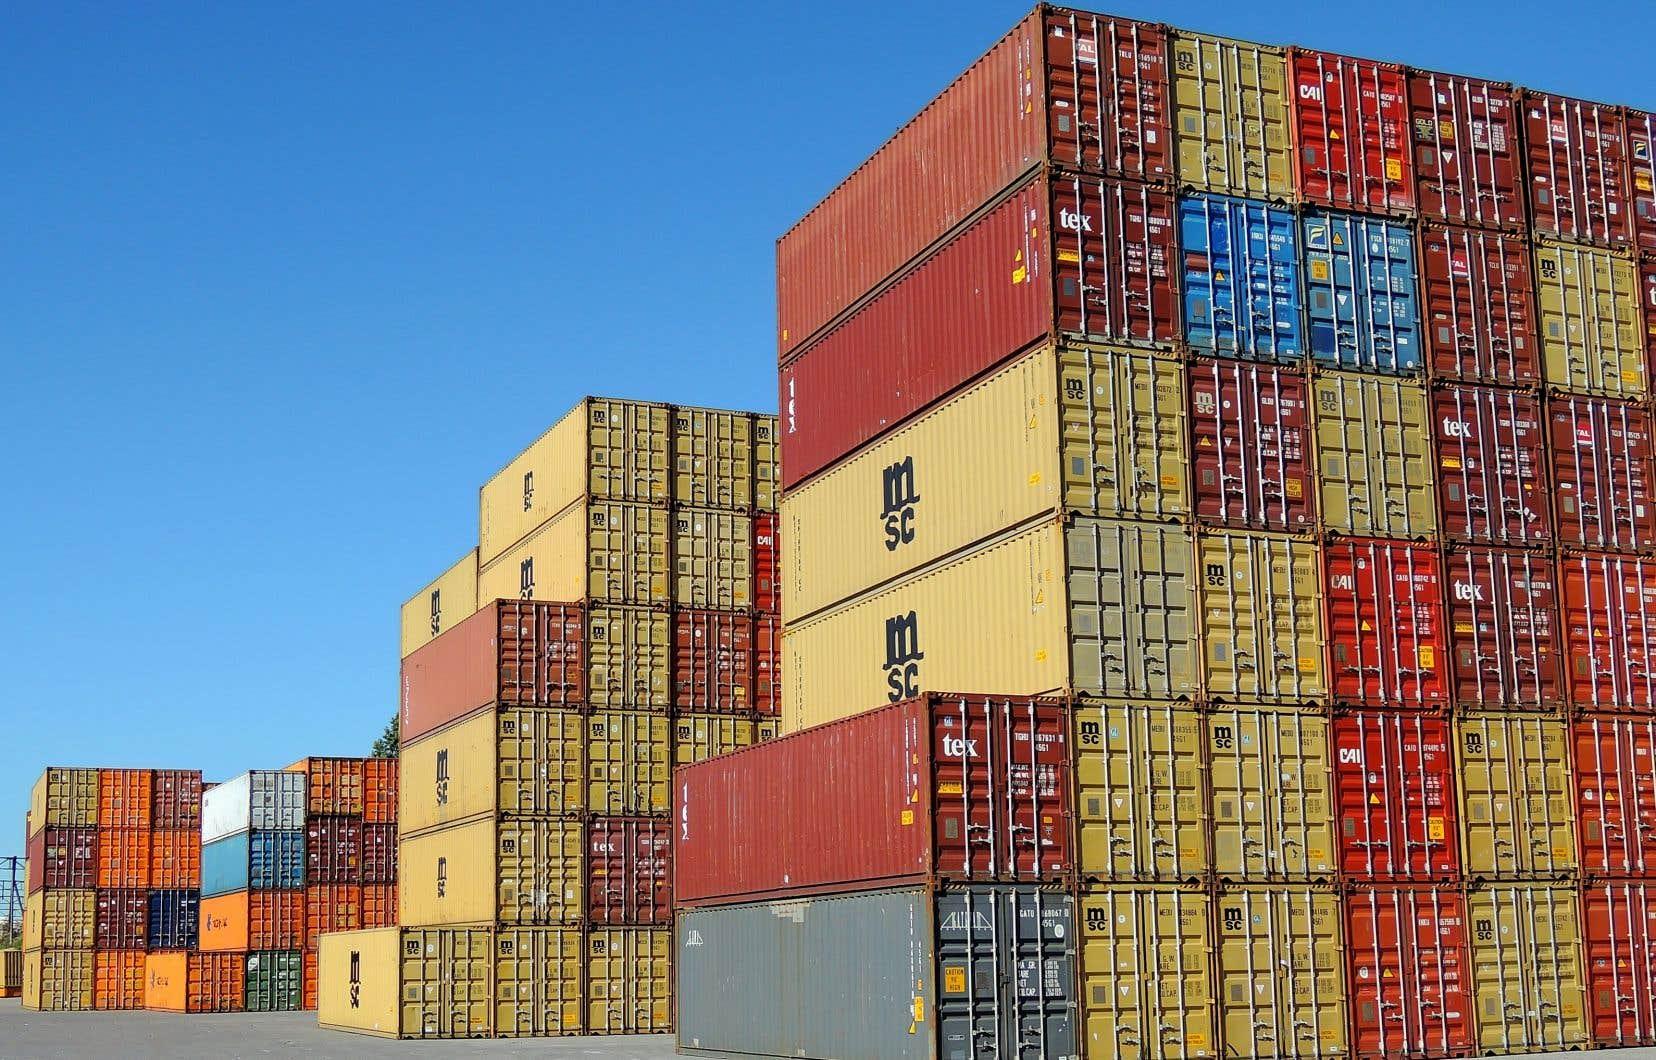 Ray-Mont Logistiques prévoit le transport et l'entreposage de milliers de conteneurs remplis de grains, quotidiennement, 24 heures sur 24 et 7 jours sur 7, sur un terrain de 2,5 millions de pieds carrés à proximité du port de Montréal.